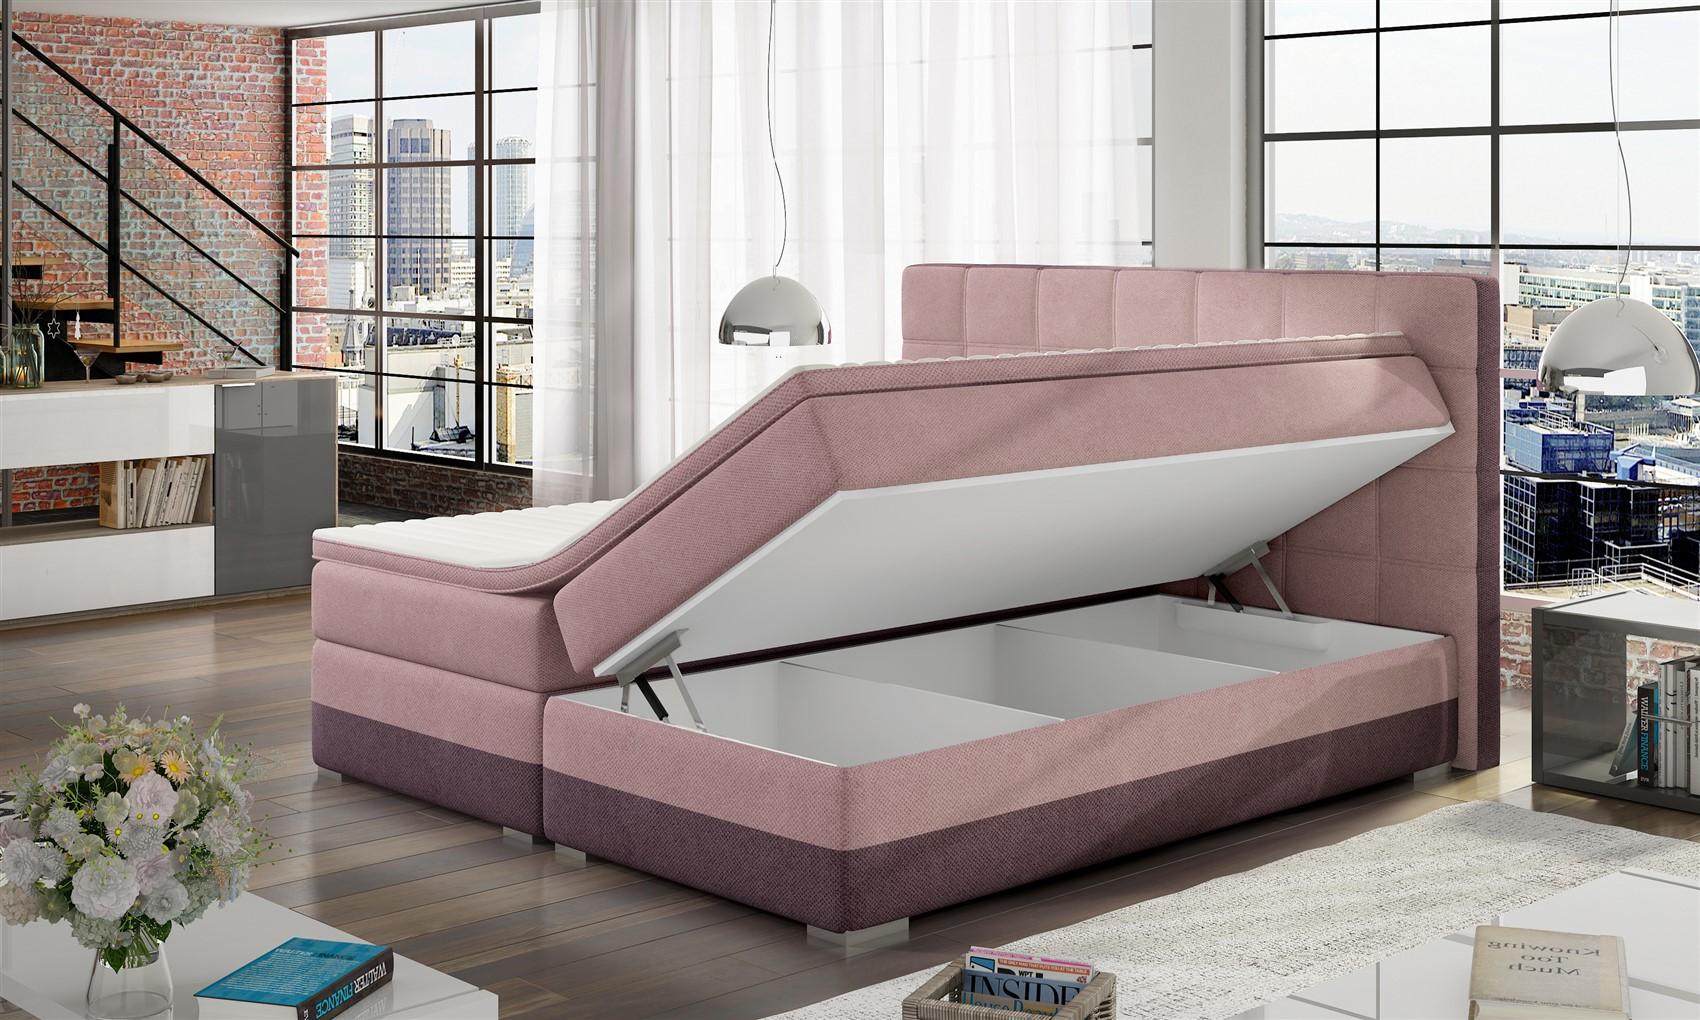 Full Size of Boxspringbett Bett Prato Webstoff Violett Rosa 120x200cm Fun Mbel Ausklappbar Kopfteil 140 140x200 Mit Matratze Und Lattenrost 160x200 Komplett Boxspring Wohnzimmer Bett 140x200 Rosa